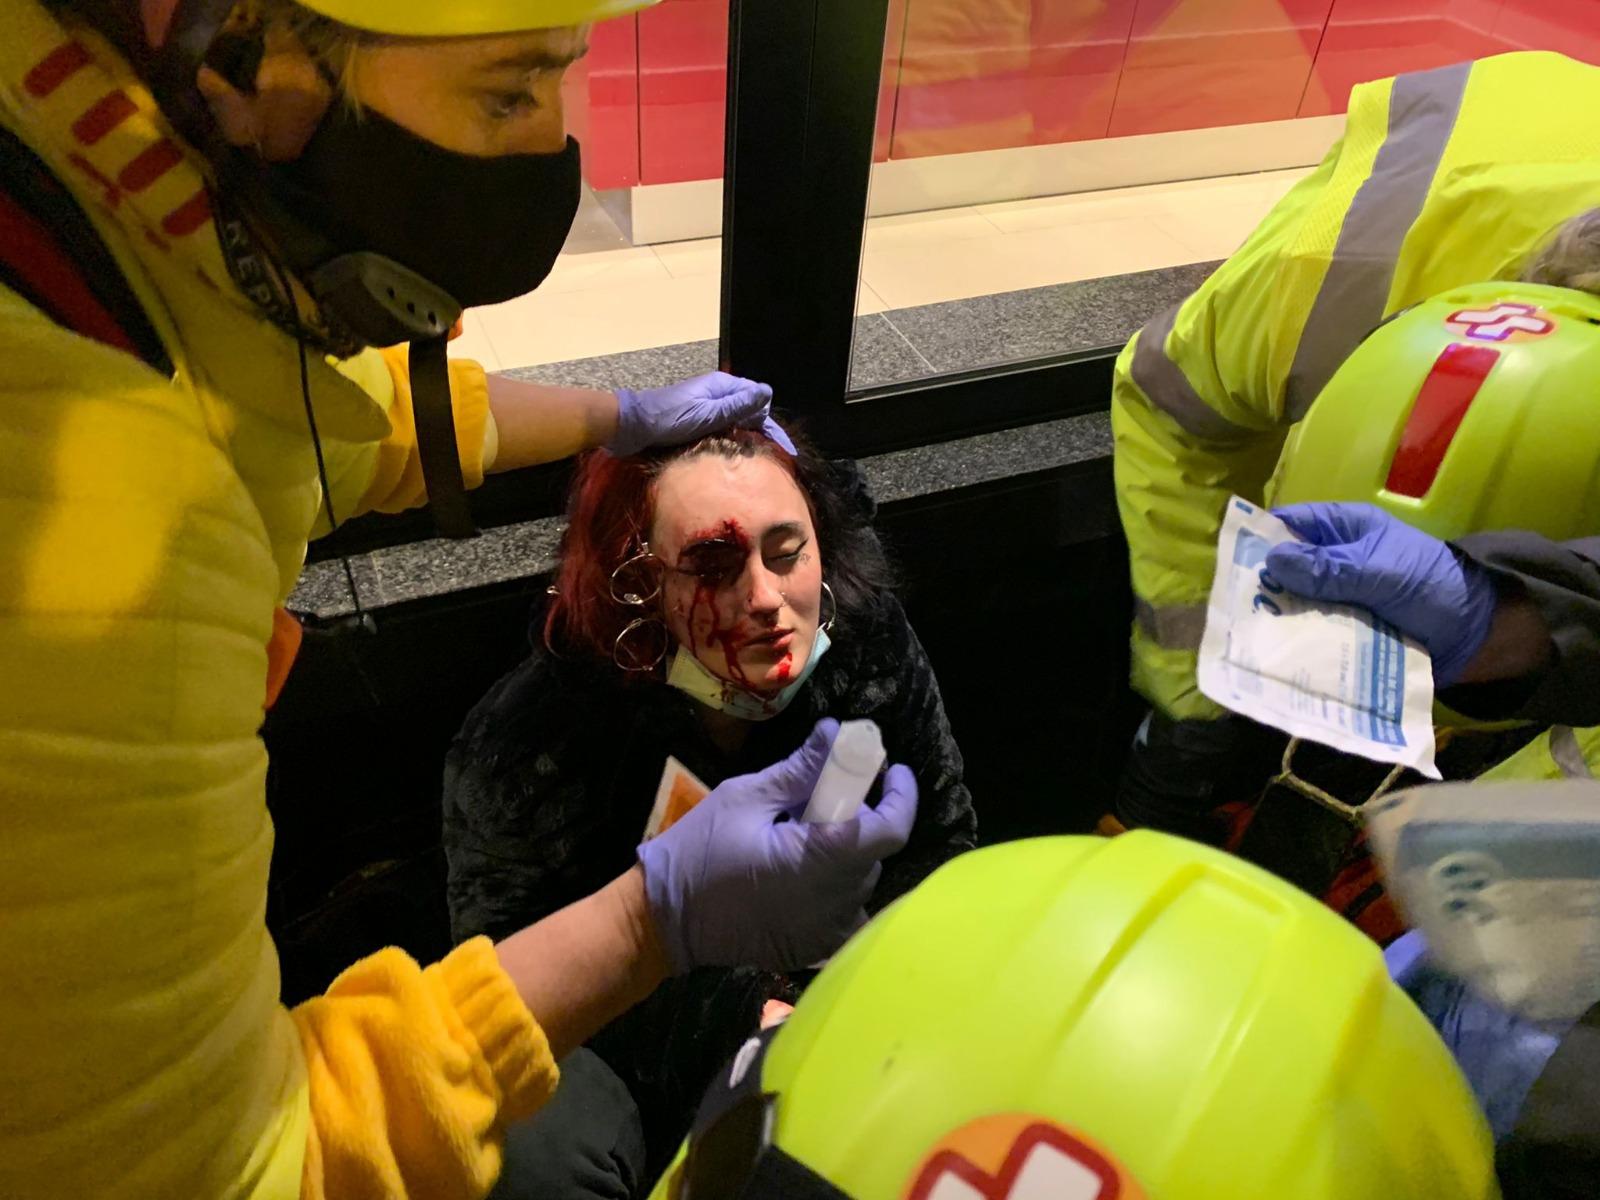 Resultado de imagen para mujer herida en el ojo en protesta en barcelona por arresto de pablo hasel